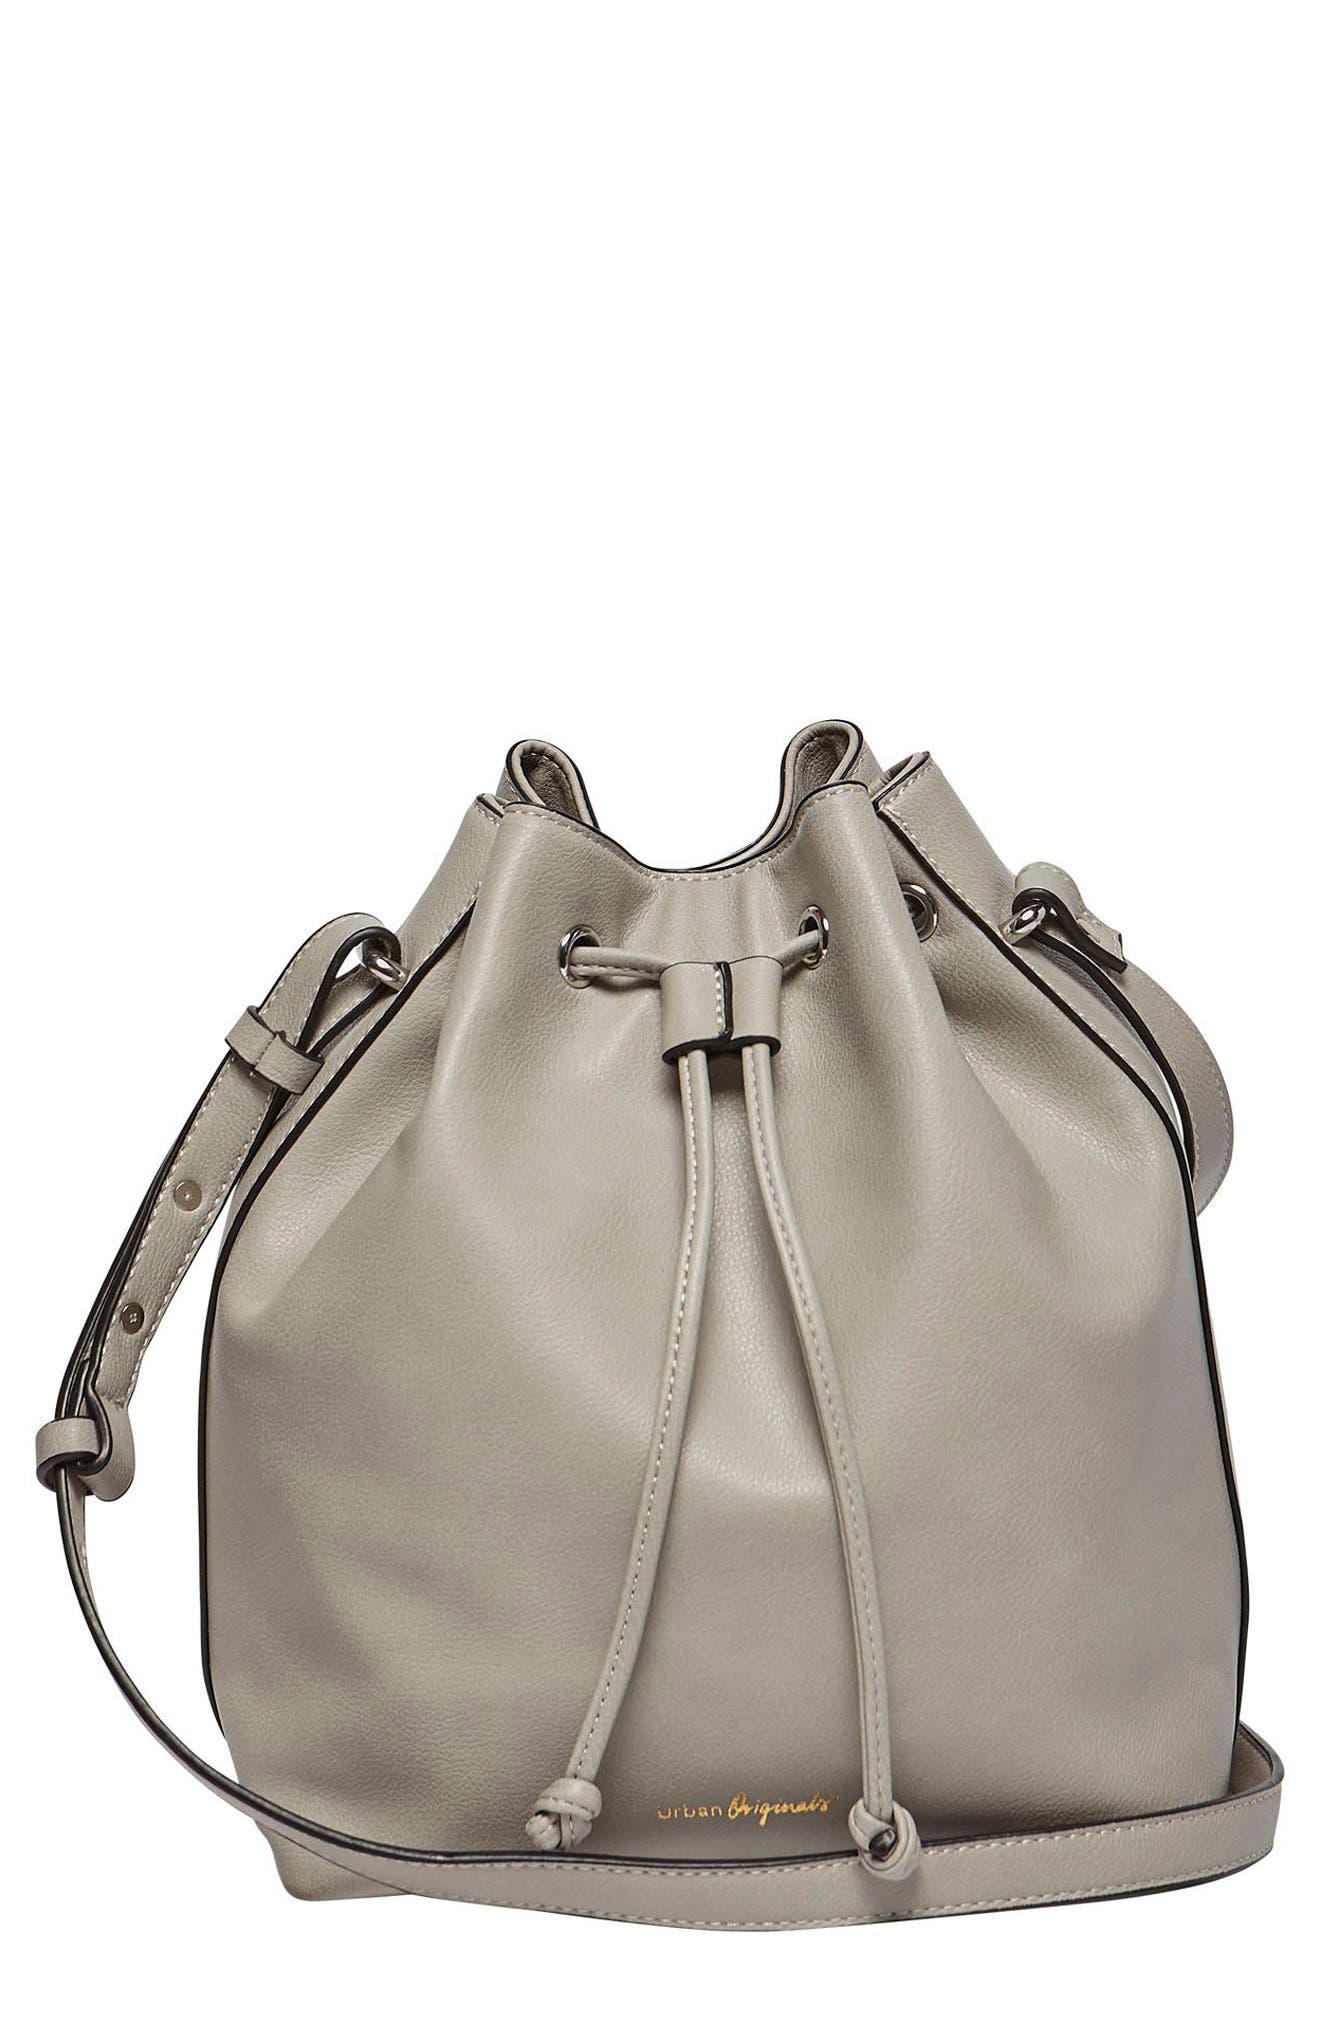 Alternate Image 1 Selected - Urban Originals Take Me Home Vegan Leather Bag